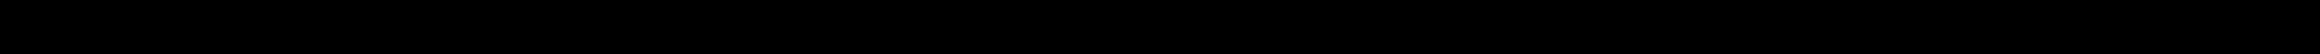 ABAKUS 84001-SA863, 84001-SA873 Priekinis žibintas